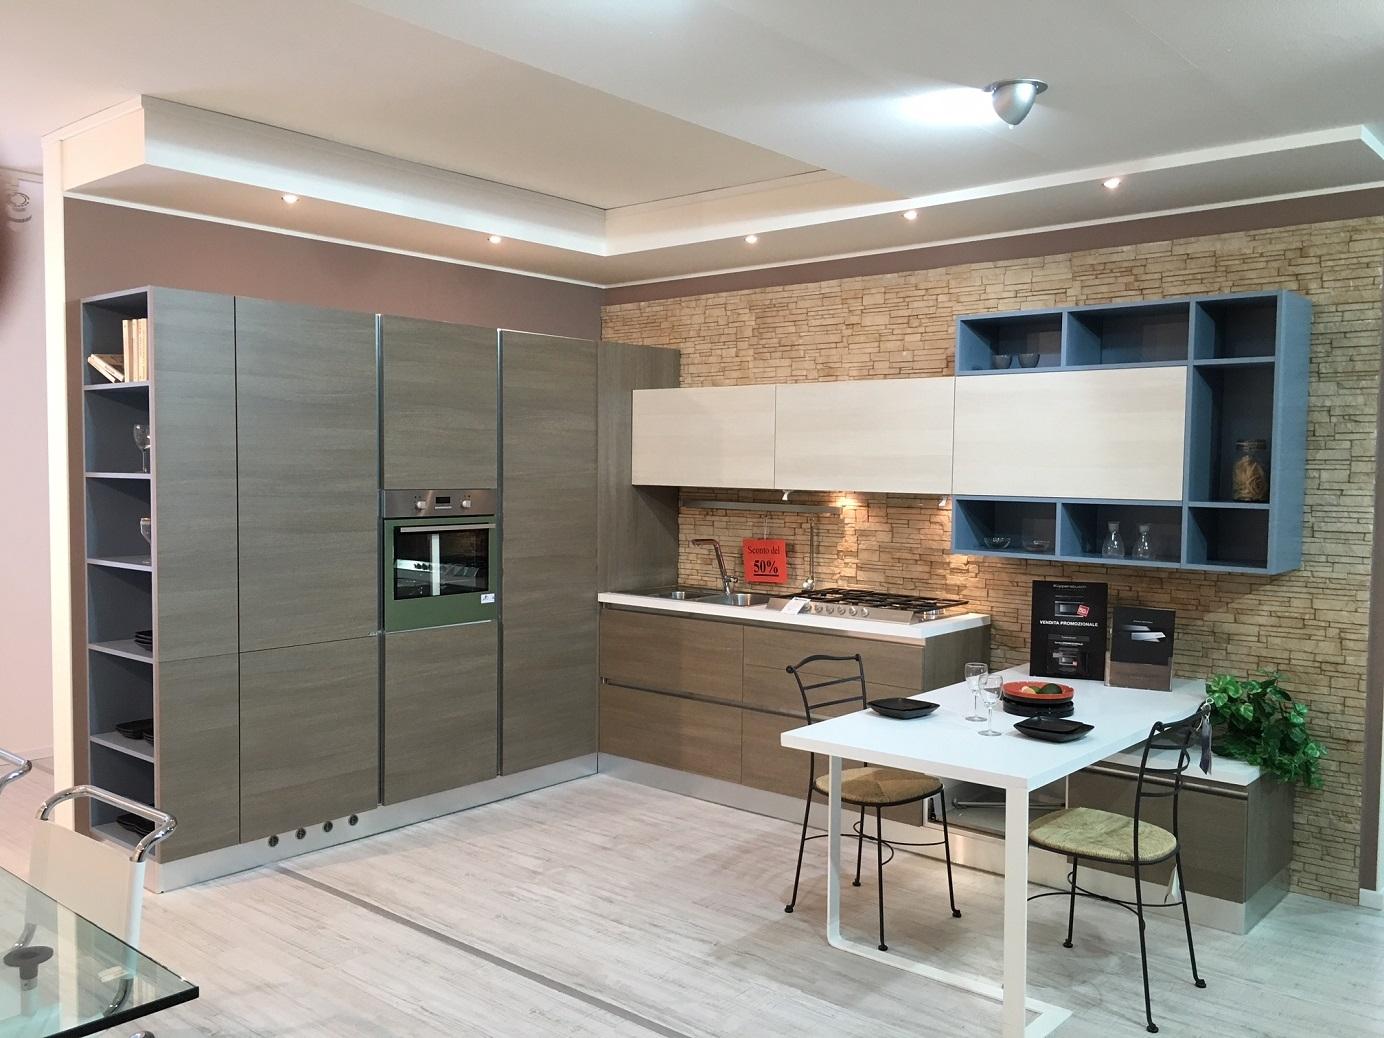 Cucina artre angolare in melaminico effetto legno cucine - Cucina nera legno ...